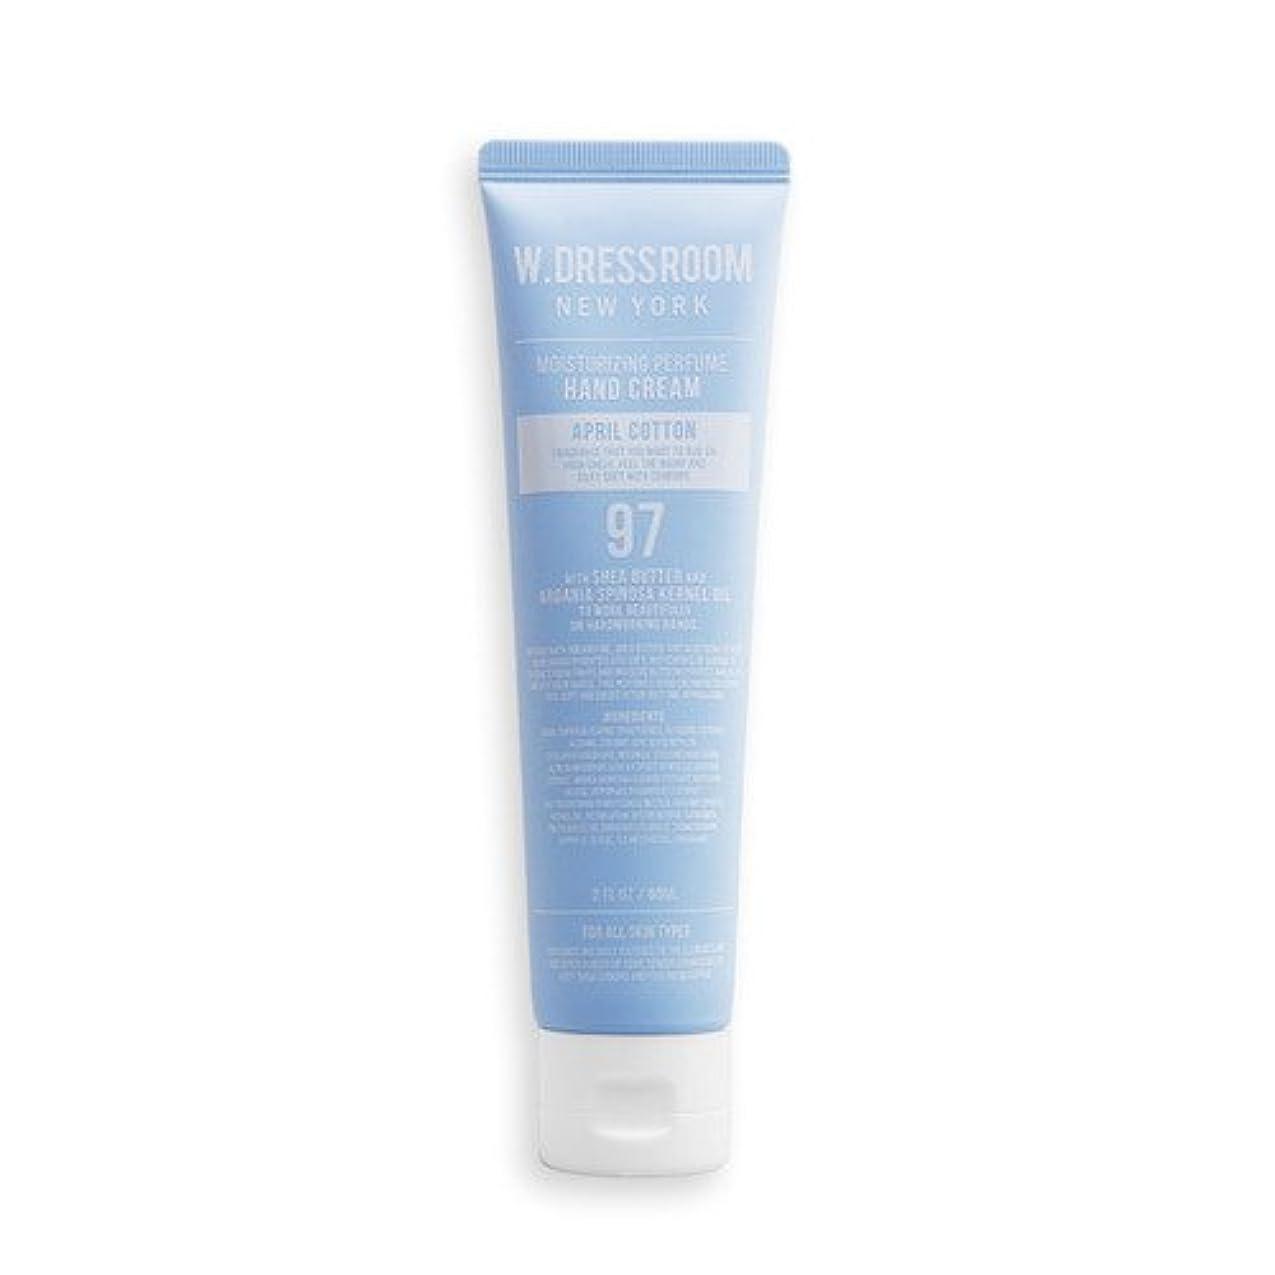 緊張直径荒廃するW.DRESSROOM Moisturizing Perfume Hand Cream 60ml/ダブルドレスルーム モイスチャライジング パフューム ハンドクリーム 60ml (#No.97 April Cotton) [並行輸入品]